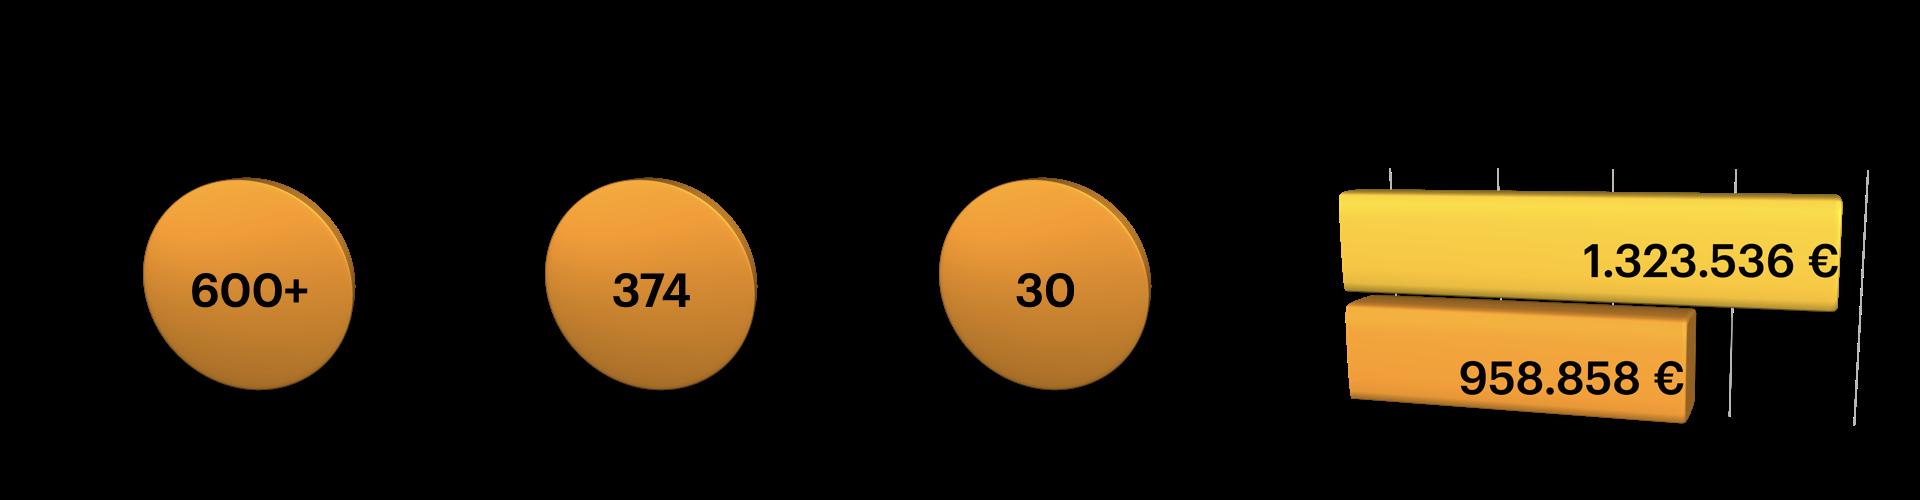 Grafiche statistiche_28 5